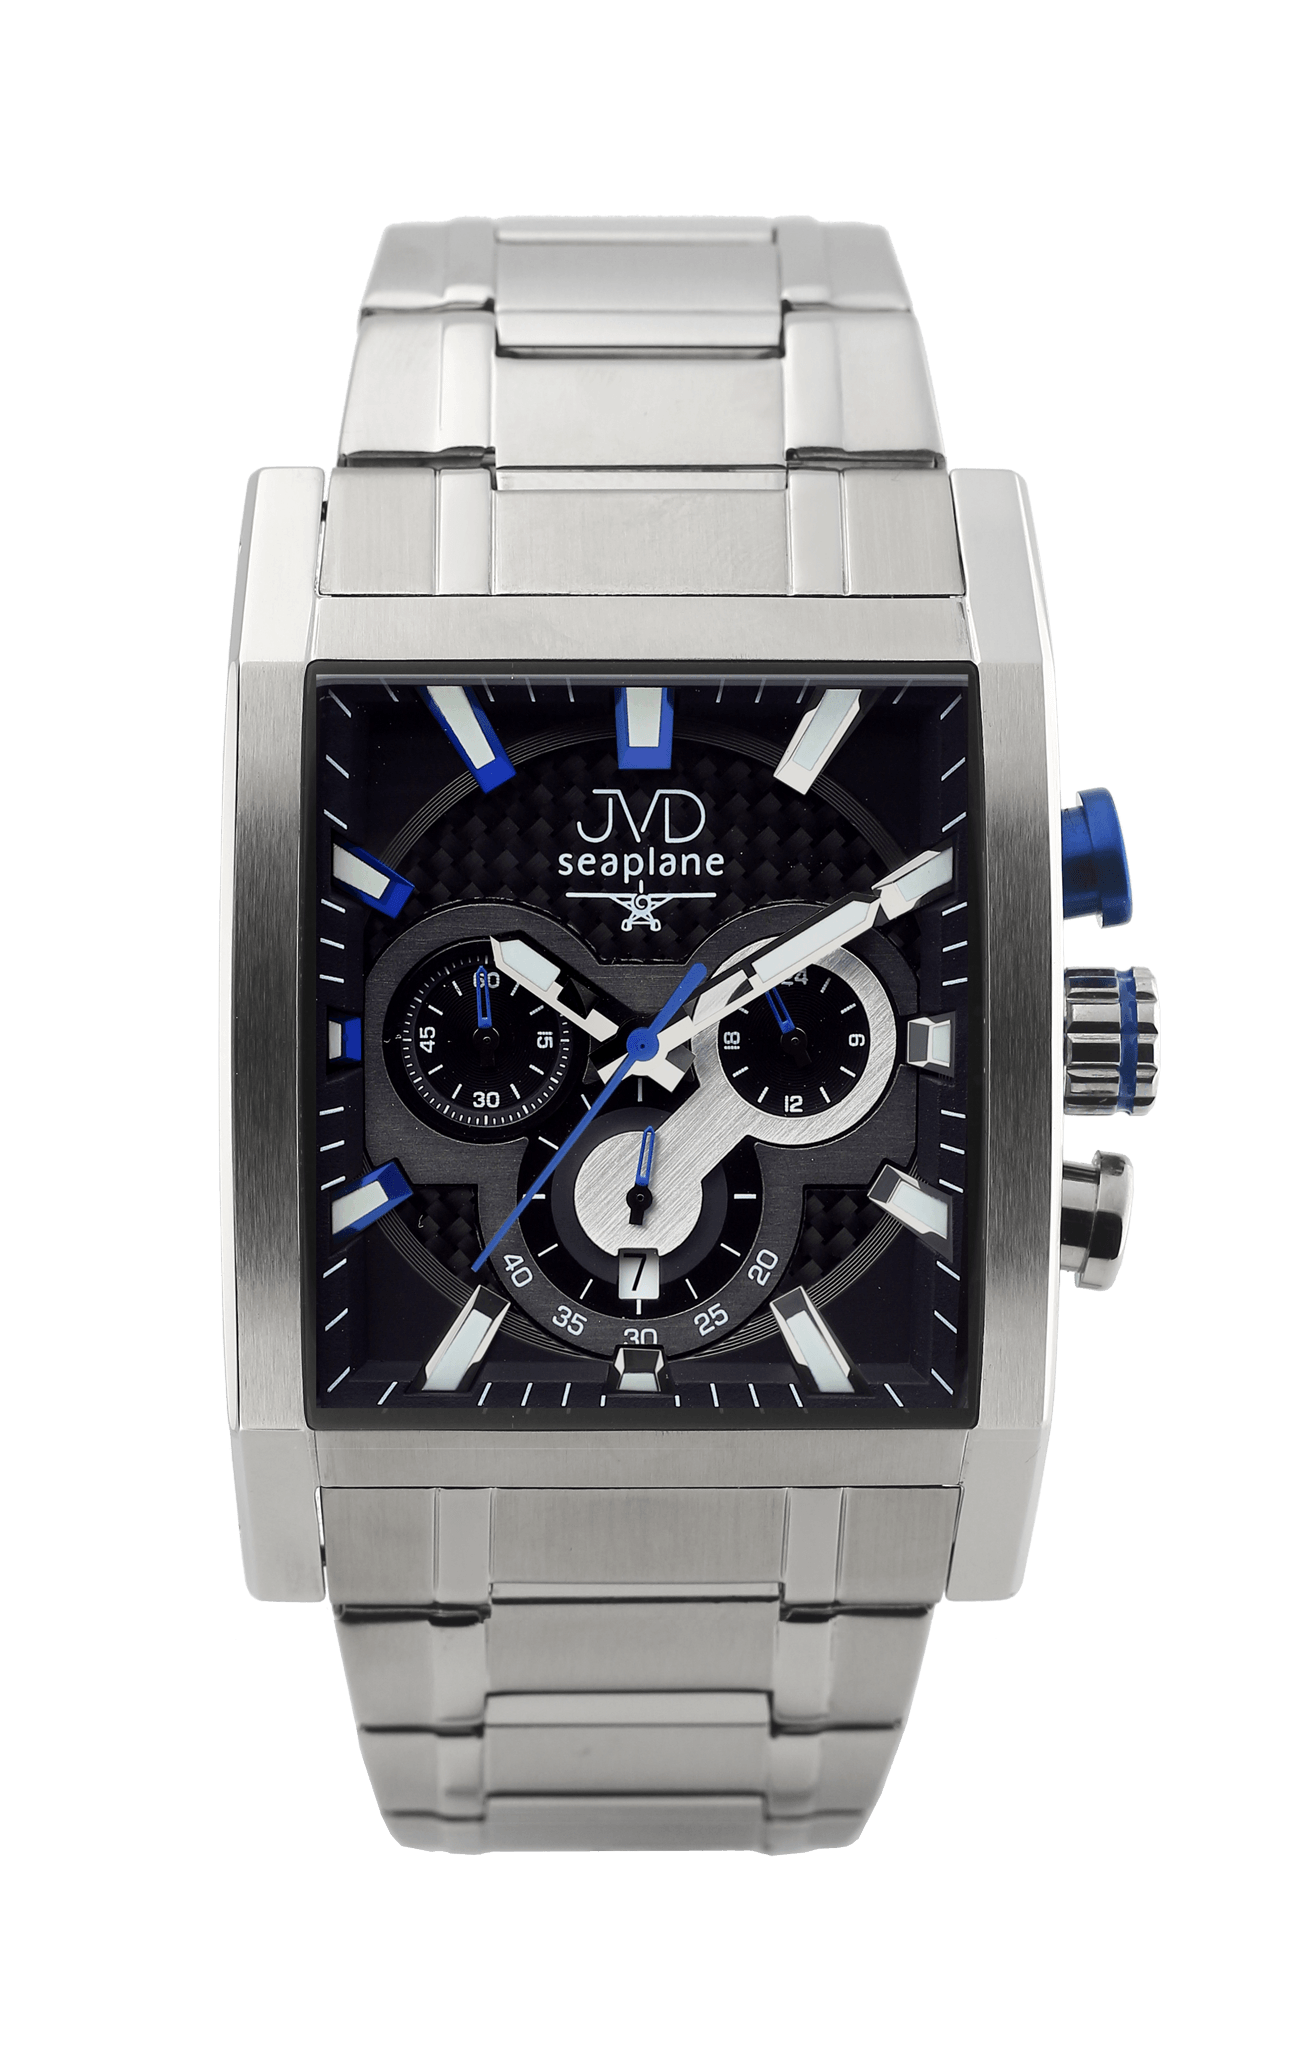 Náramkové hodinky Seaplane INFUSION JVDW 54.3 - cs  4521207f6ed